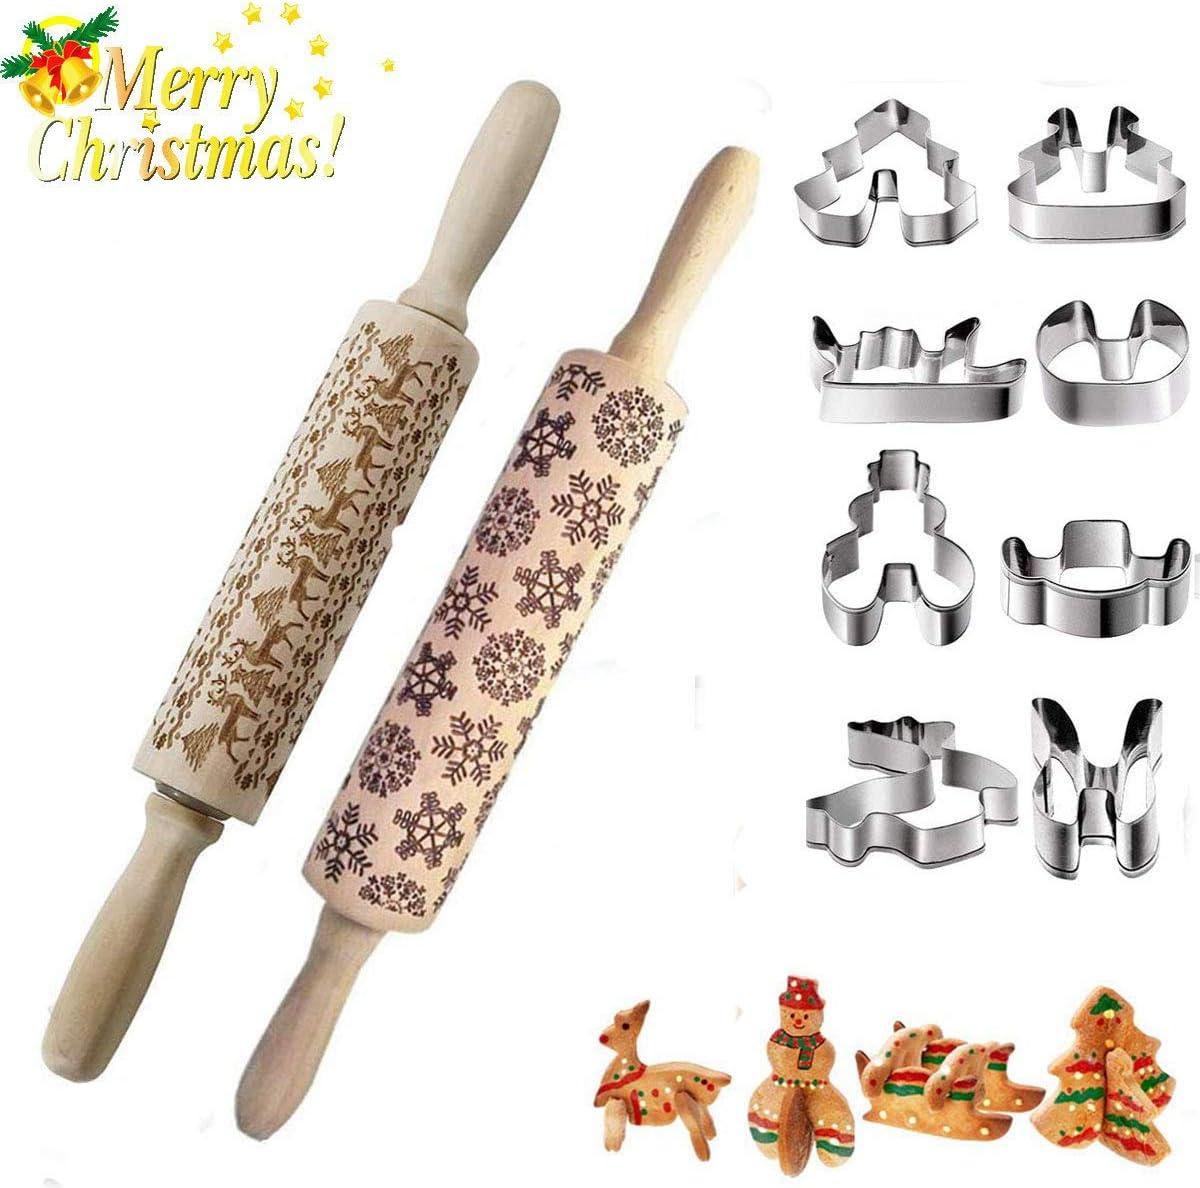 Kitchenmore Mattarelli incisi di Natale mattarello di goffratura in Legno 3D con Simboli a Tema Natalizio taglierina per Biscotti di Natale in Acciaio Inossidabile per Cottura